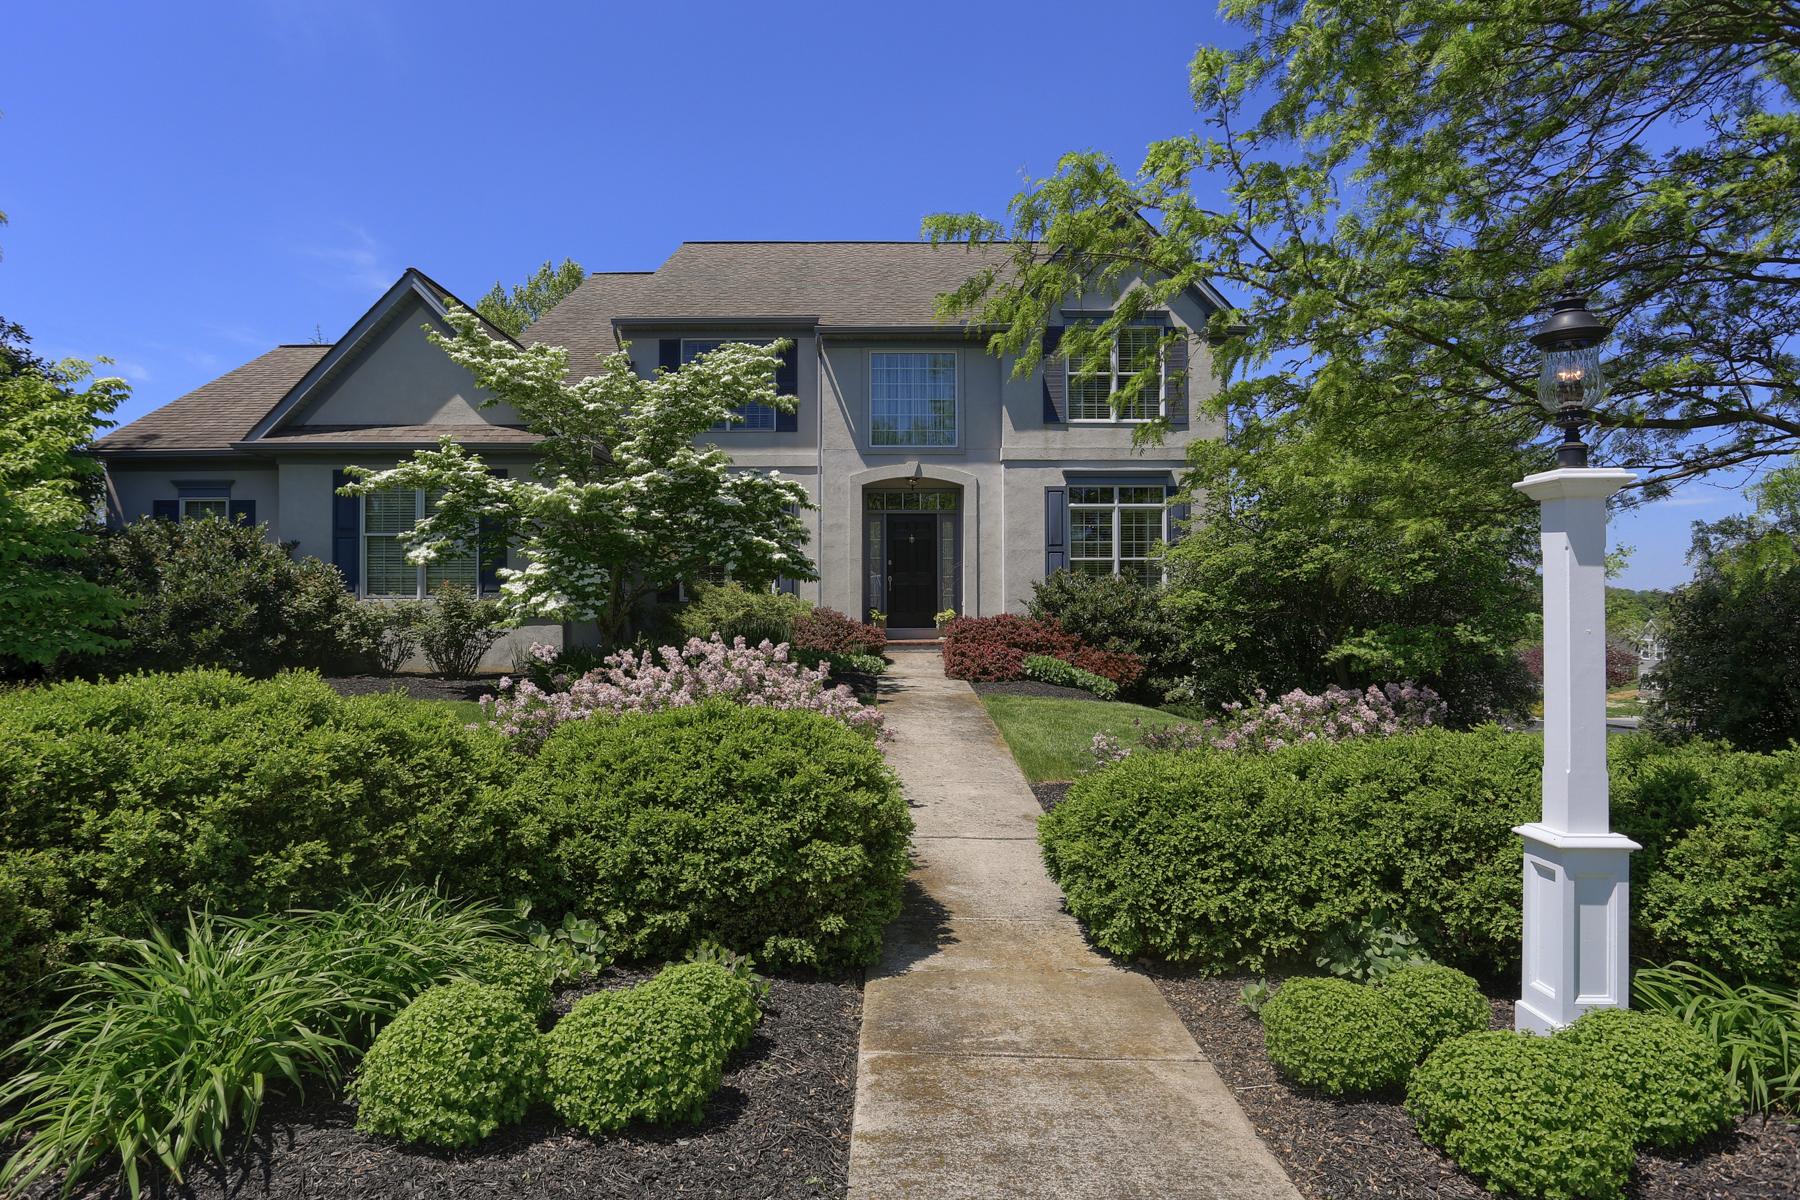 独户住宅 为 销售 在 2121 Colleens Way 兰开斯特, 宾夕法尼亚州 17601 美国